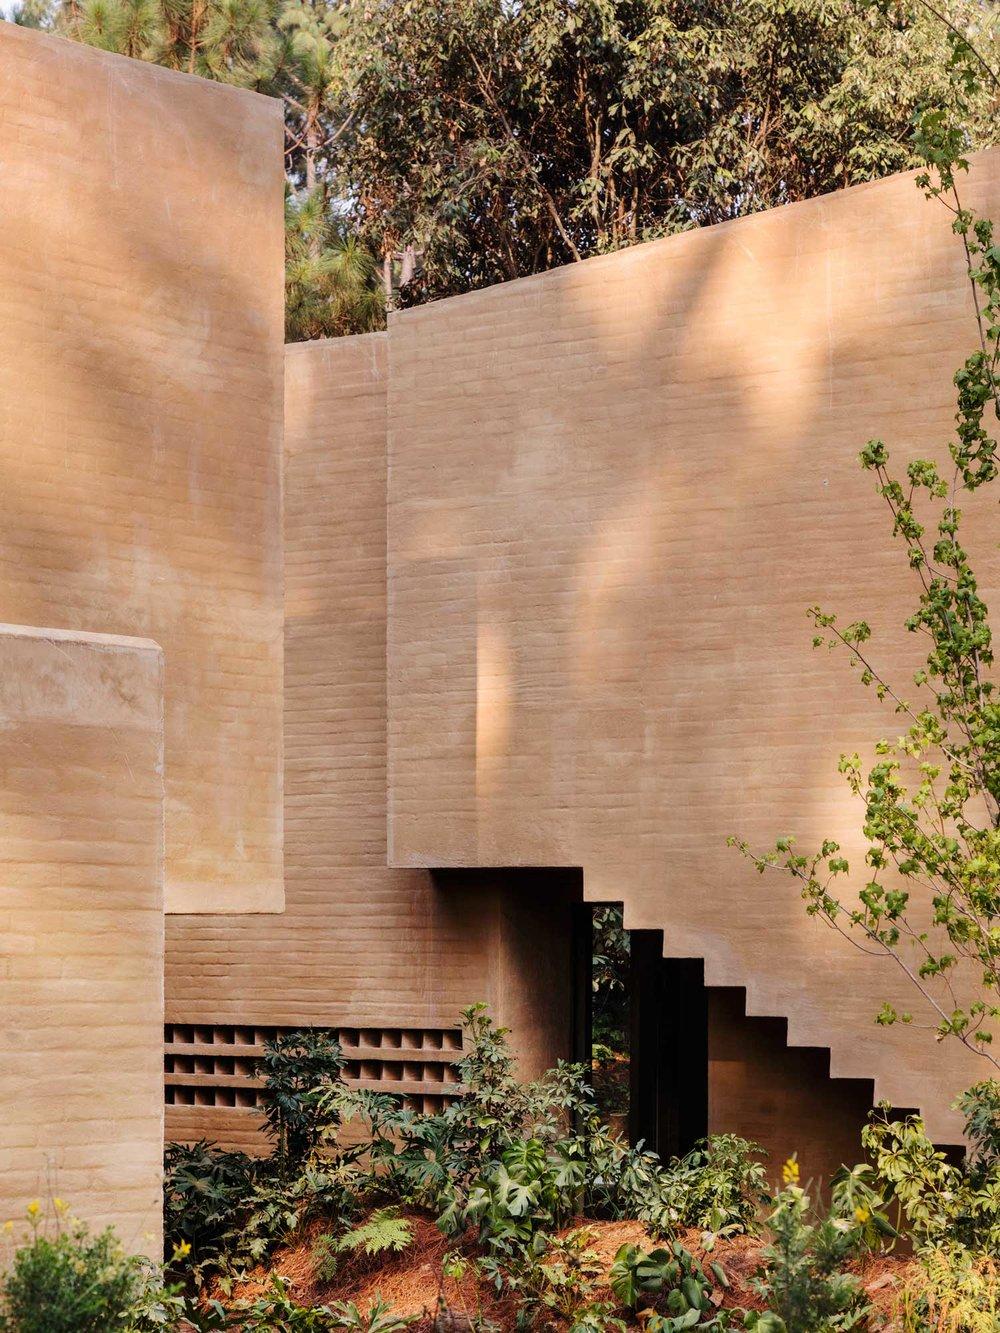 Entrepinos-Housing-in-Valle-de-Bravo-Mexico-by-Taller-Hector-Barroso-Yellowtrace-02.jpg